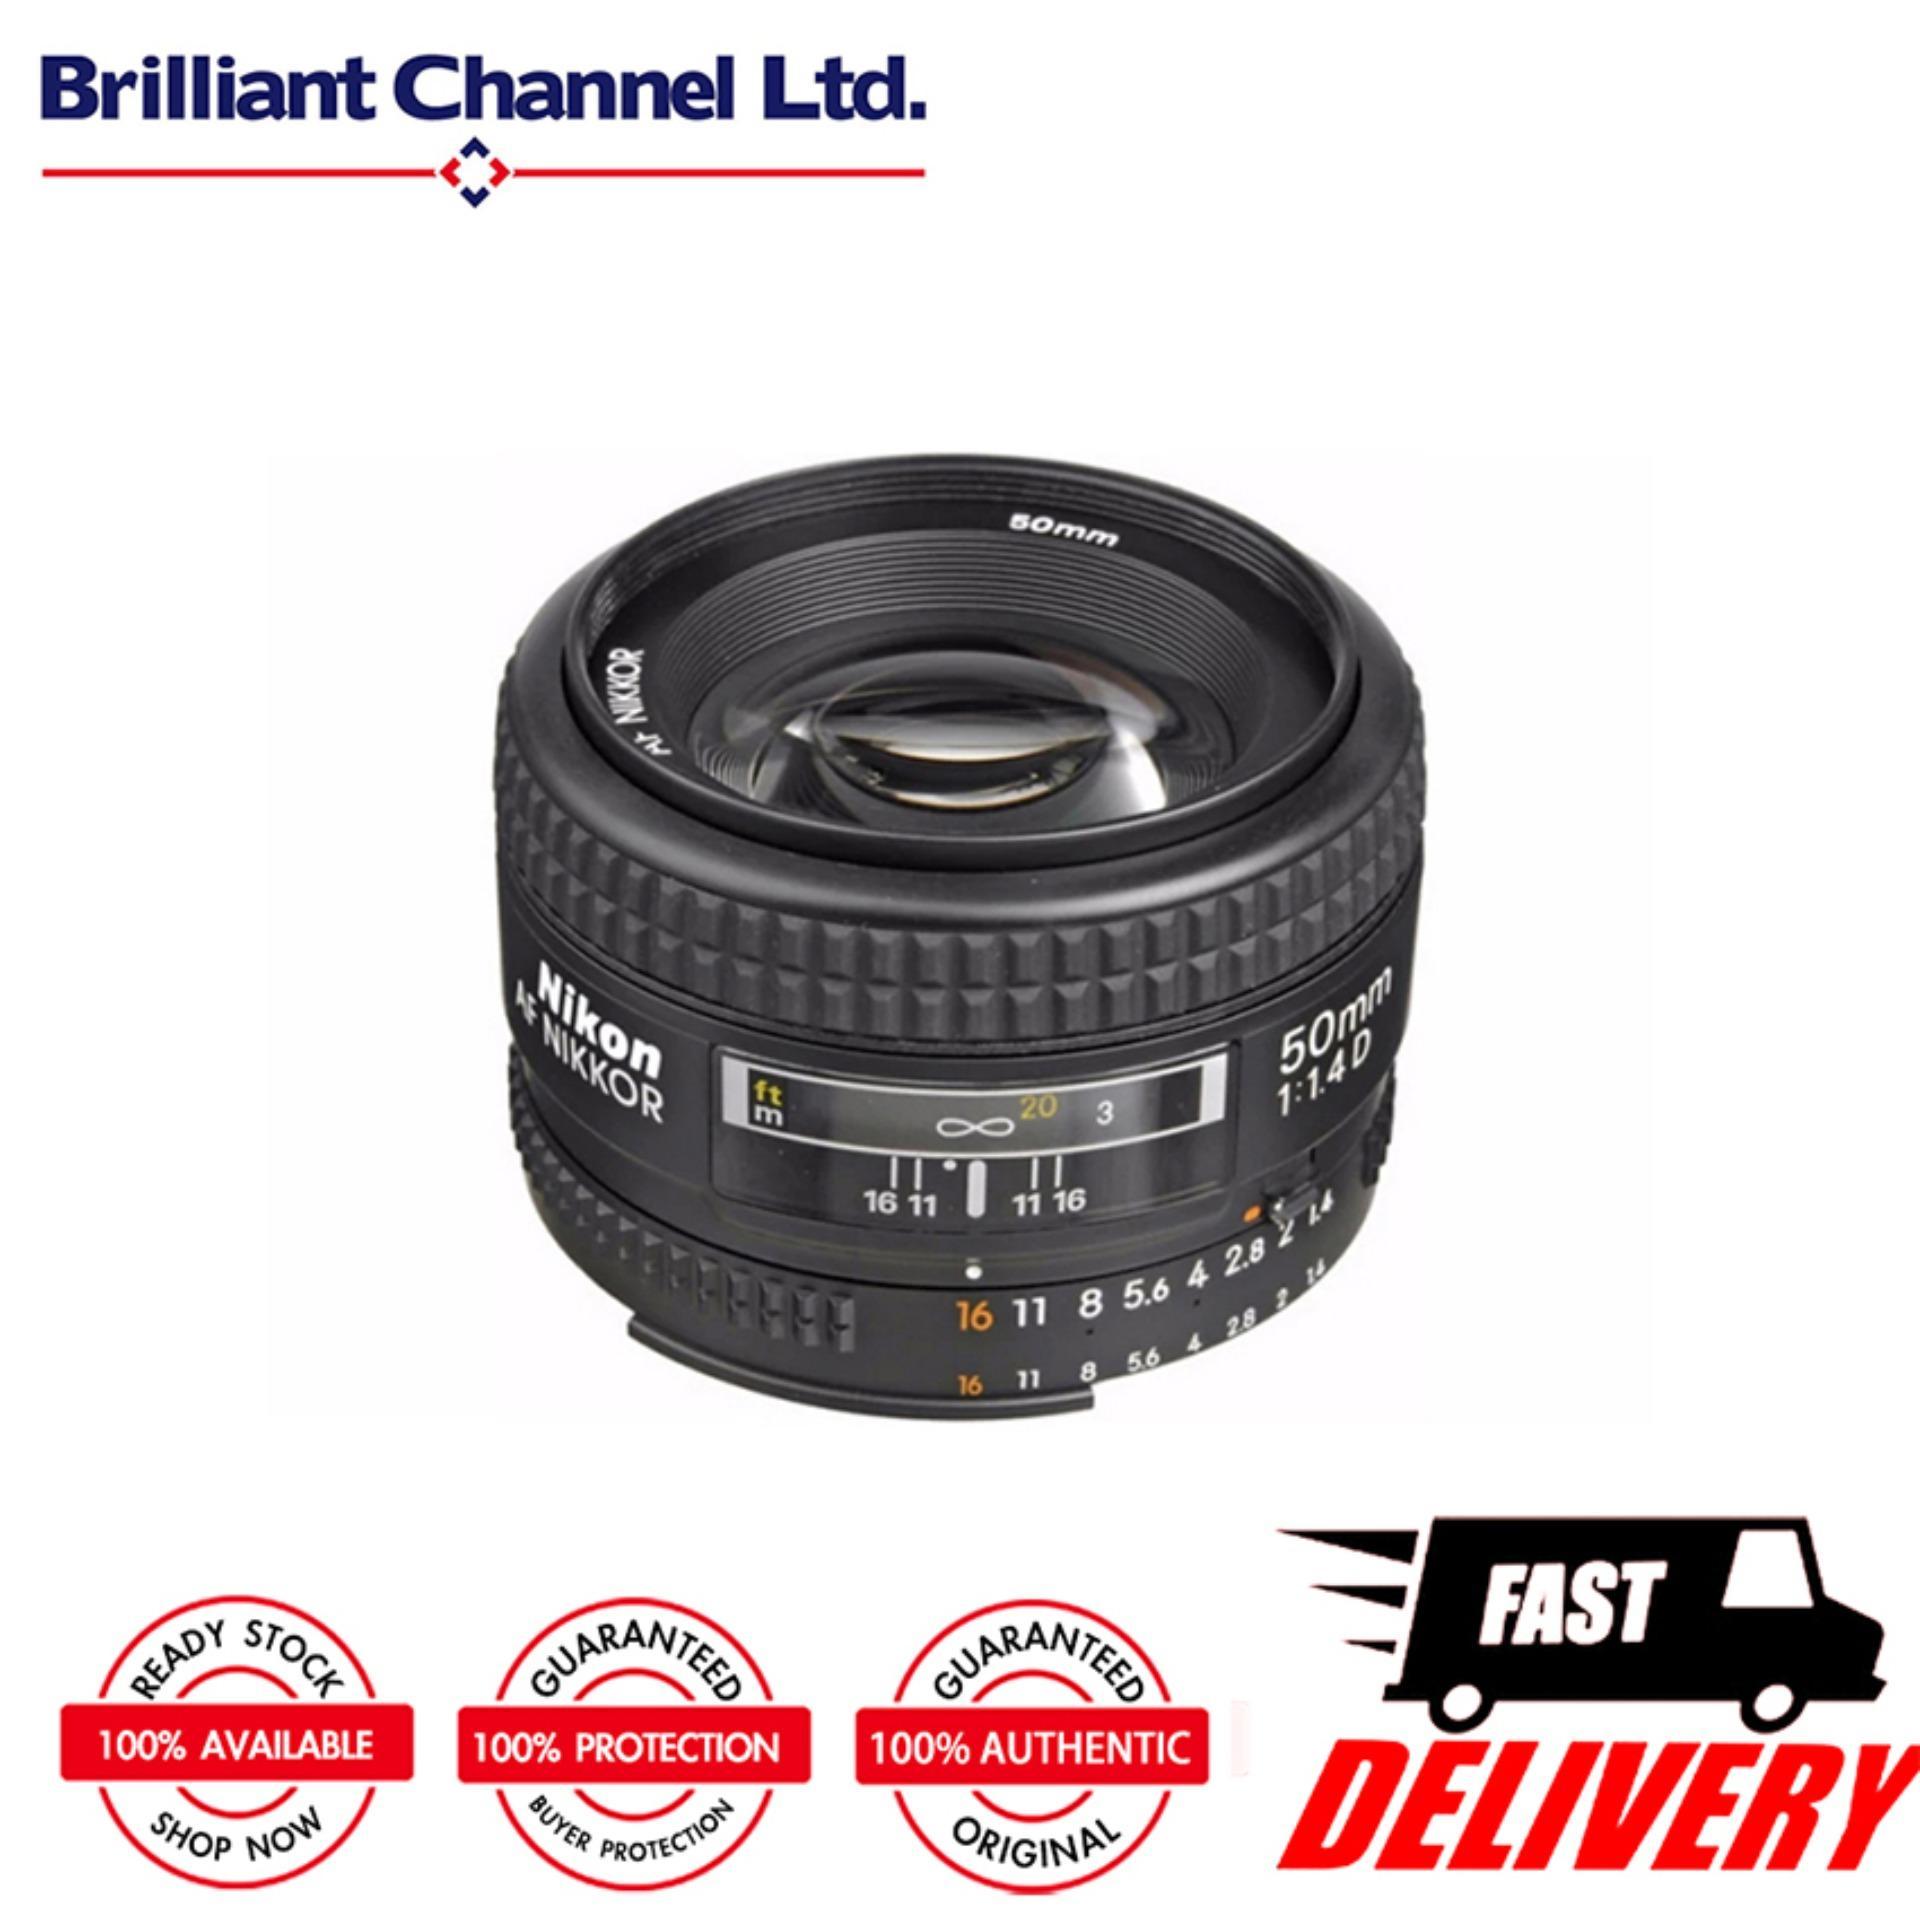 Nikon Philippines Dslr Lens For Sale Prices Reviews Lazada Af 105mm F 28g If Ed Dx Fisheye 50 14d Nikkor